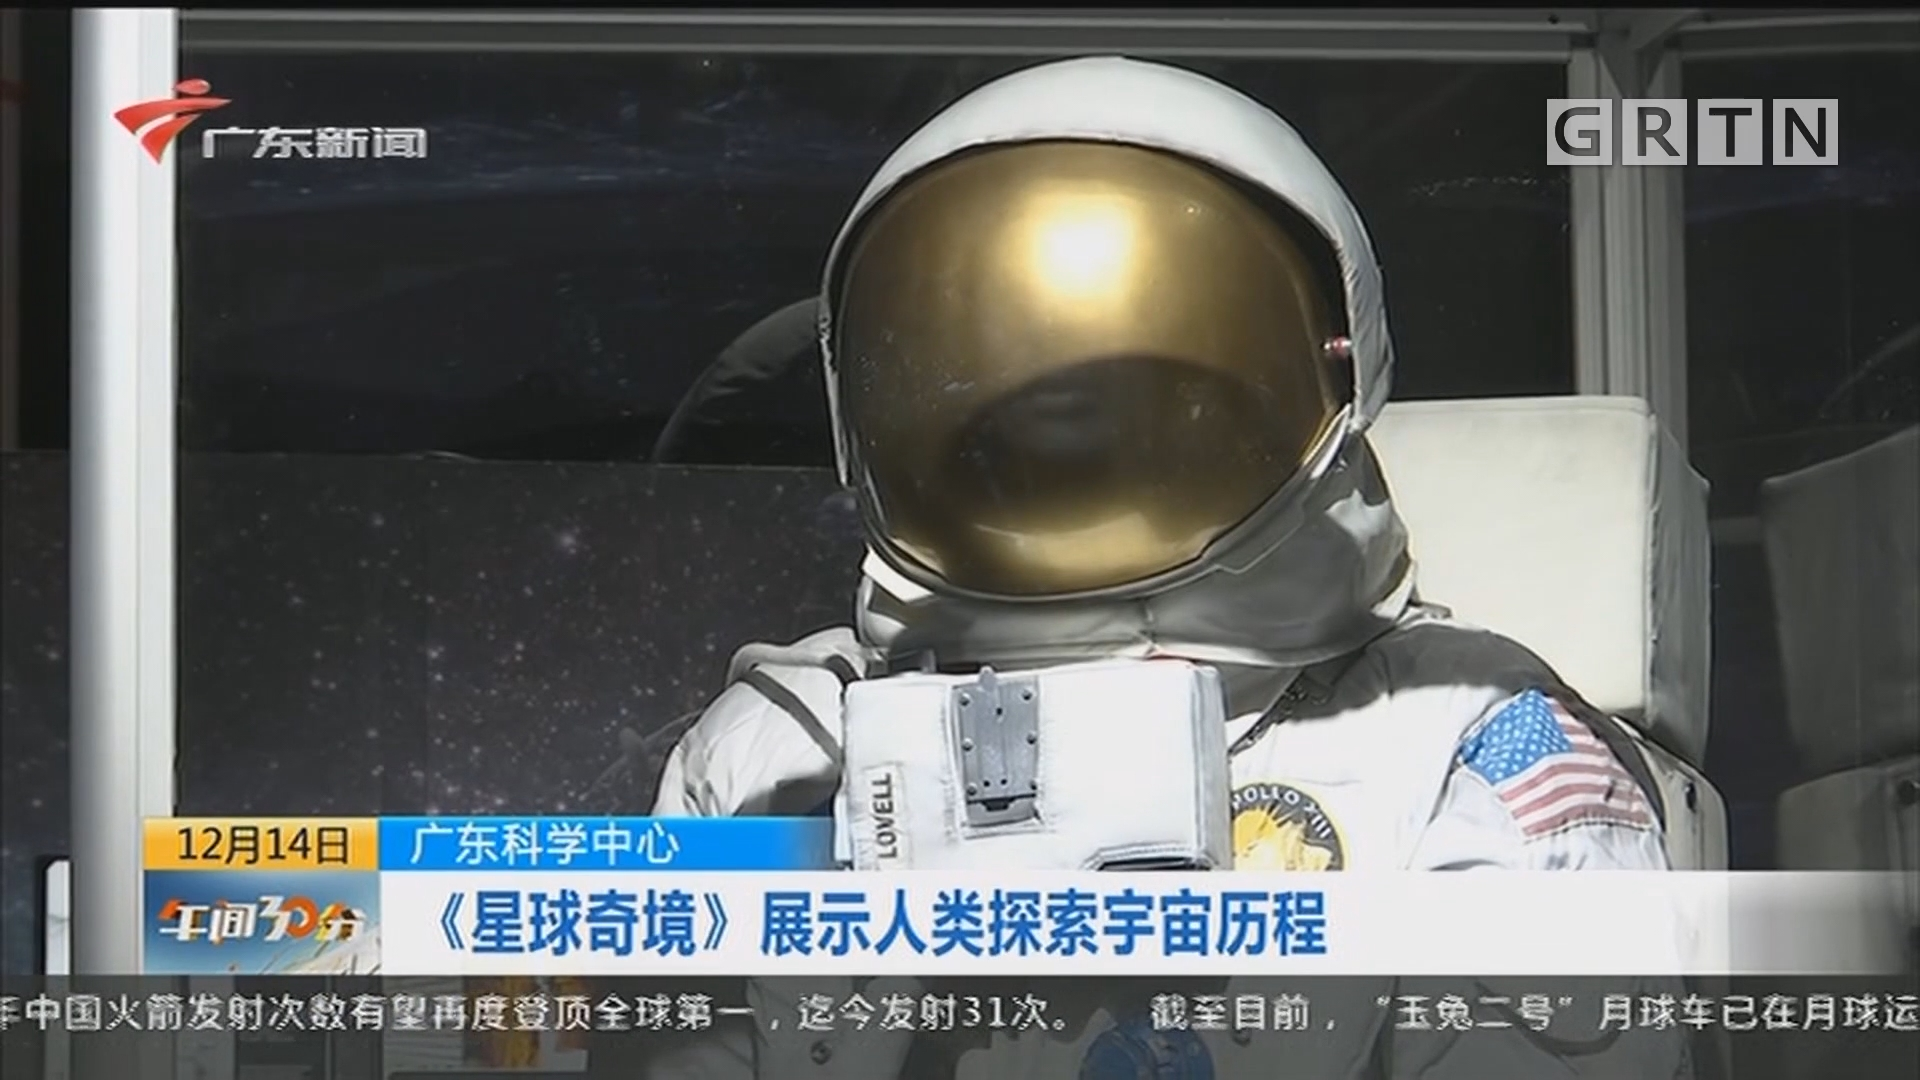 广东科学中心:《星球奇境》展示人类探索宇宙历程